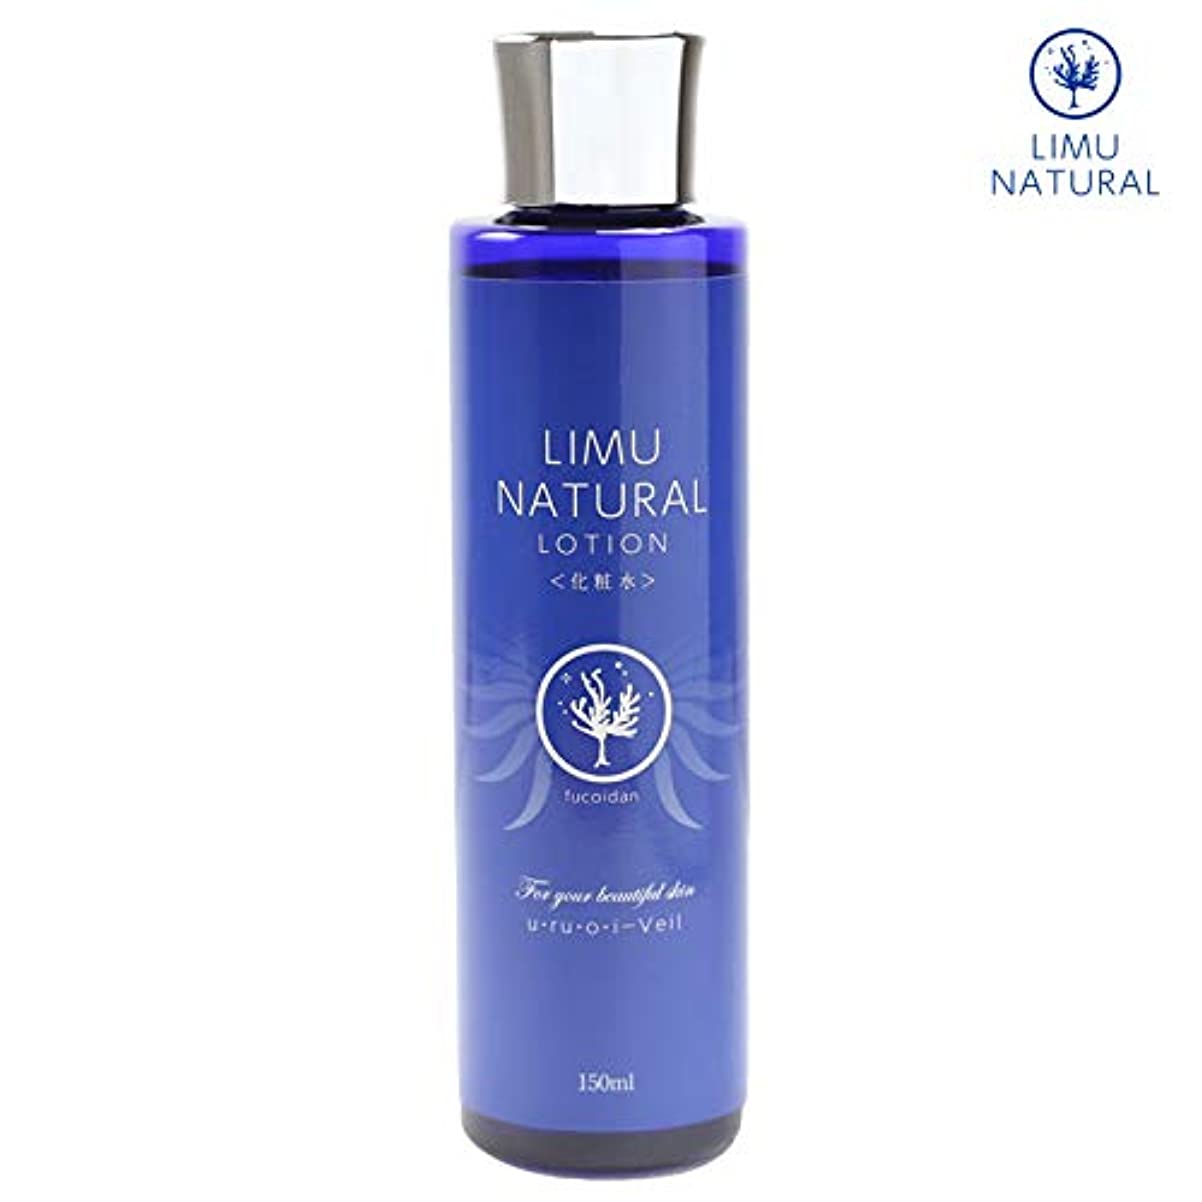 フィドル免疫する動リムナチュラル 化粧水 LIMU NATURAL LOTION (150ml) 海の恵「フコイダン」と大地の恵「グリセリルグルコシド」を贅沢に配合